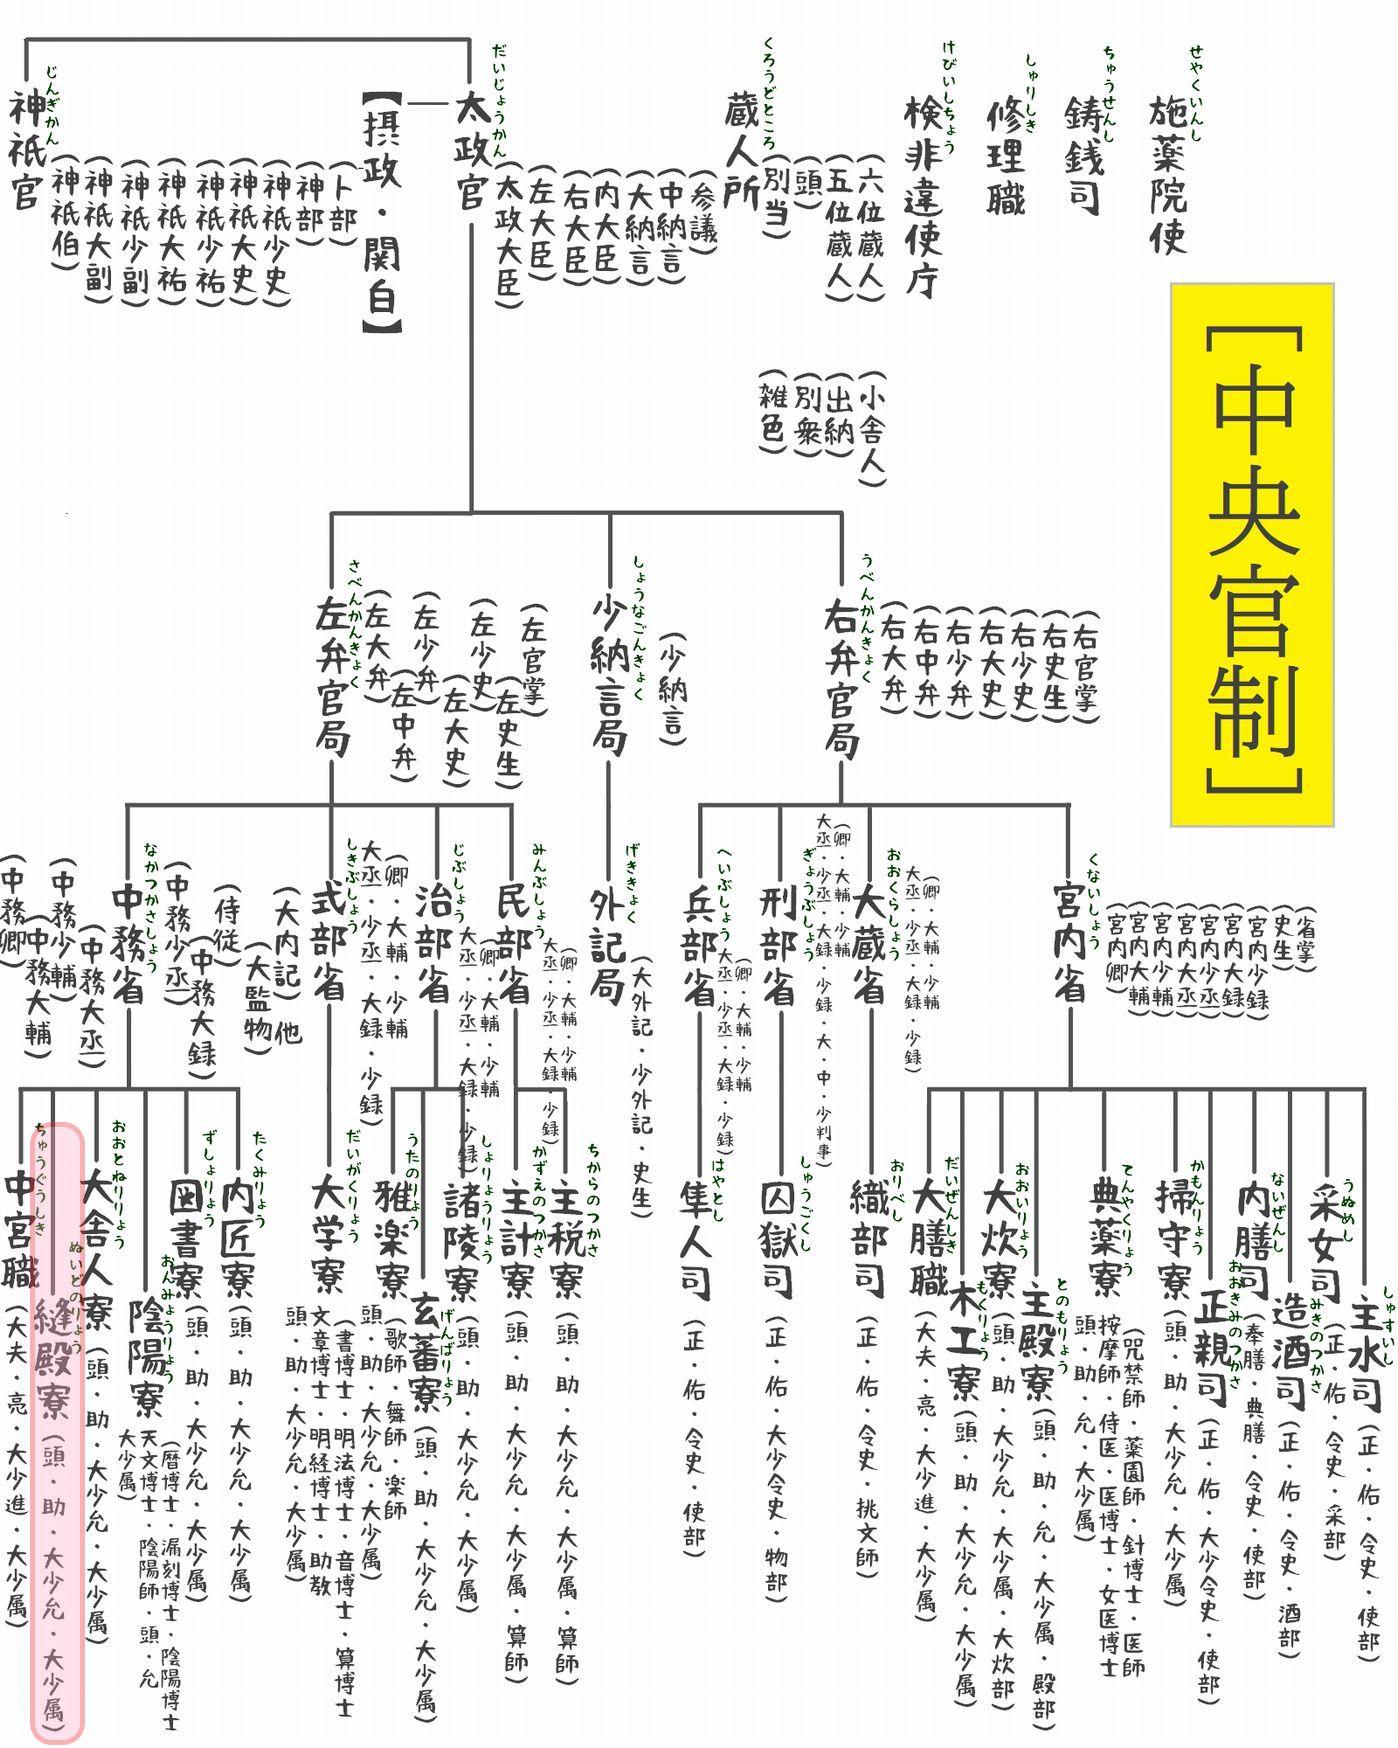 官職表(中央官制1)c